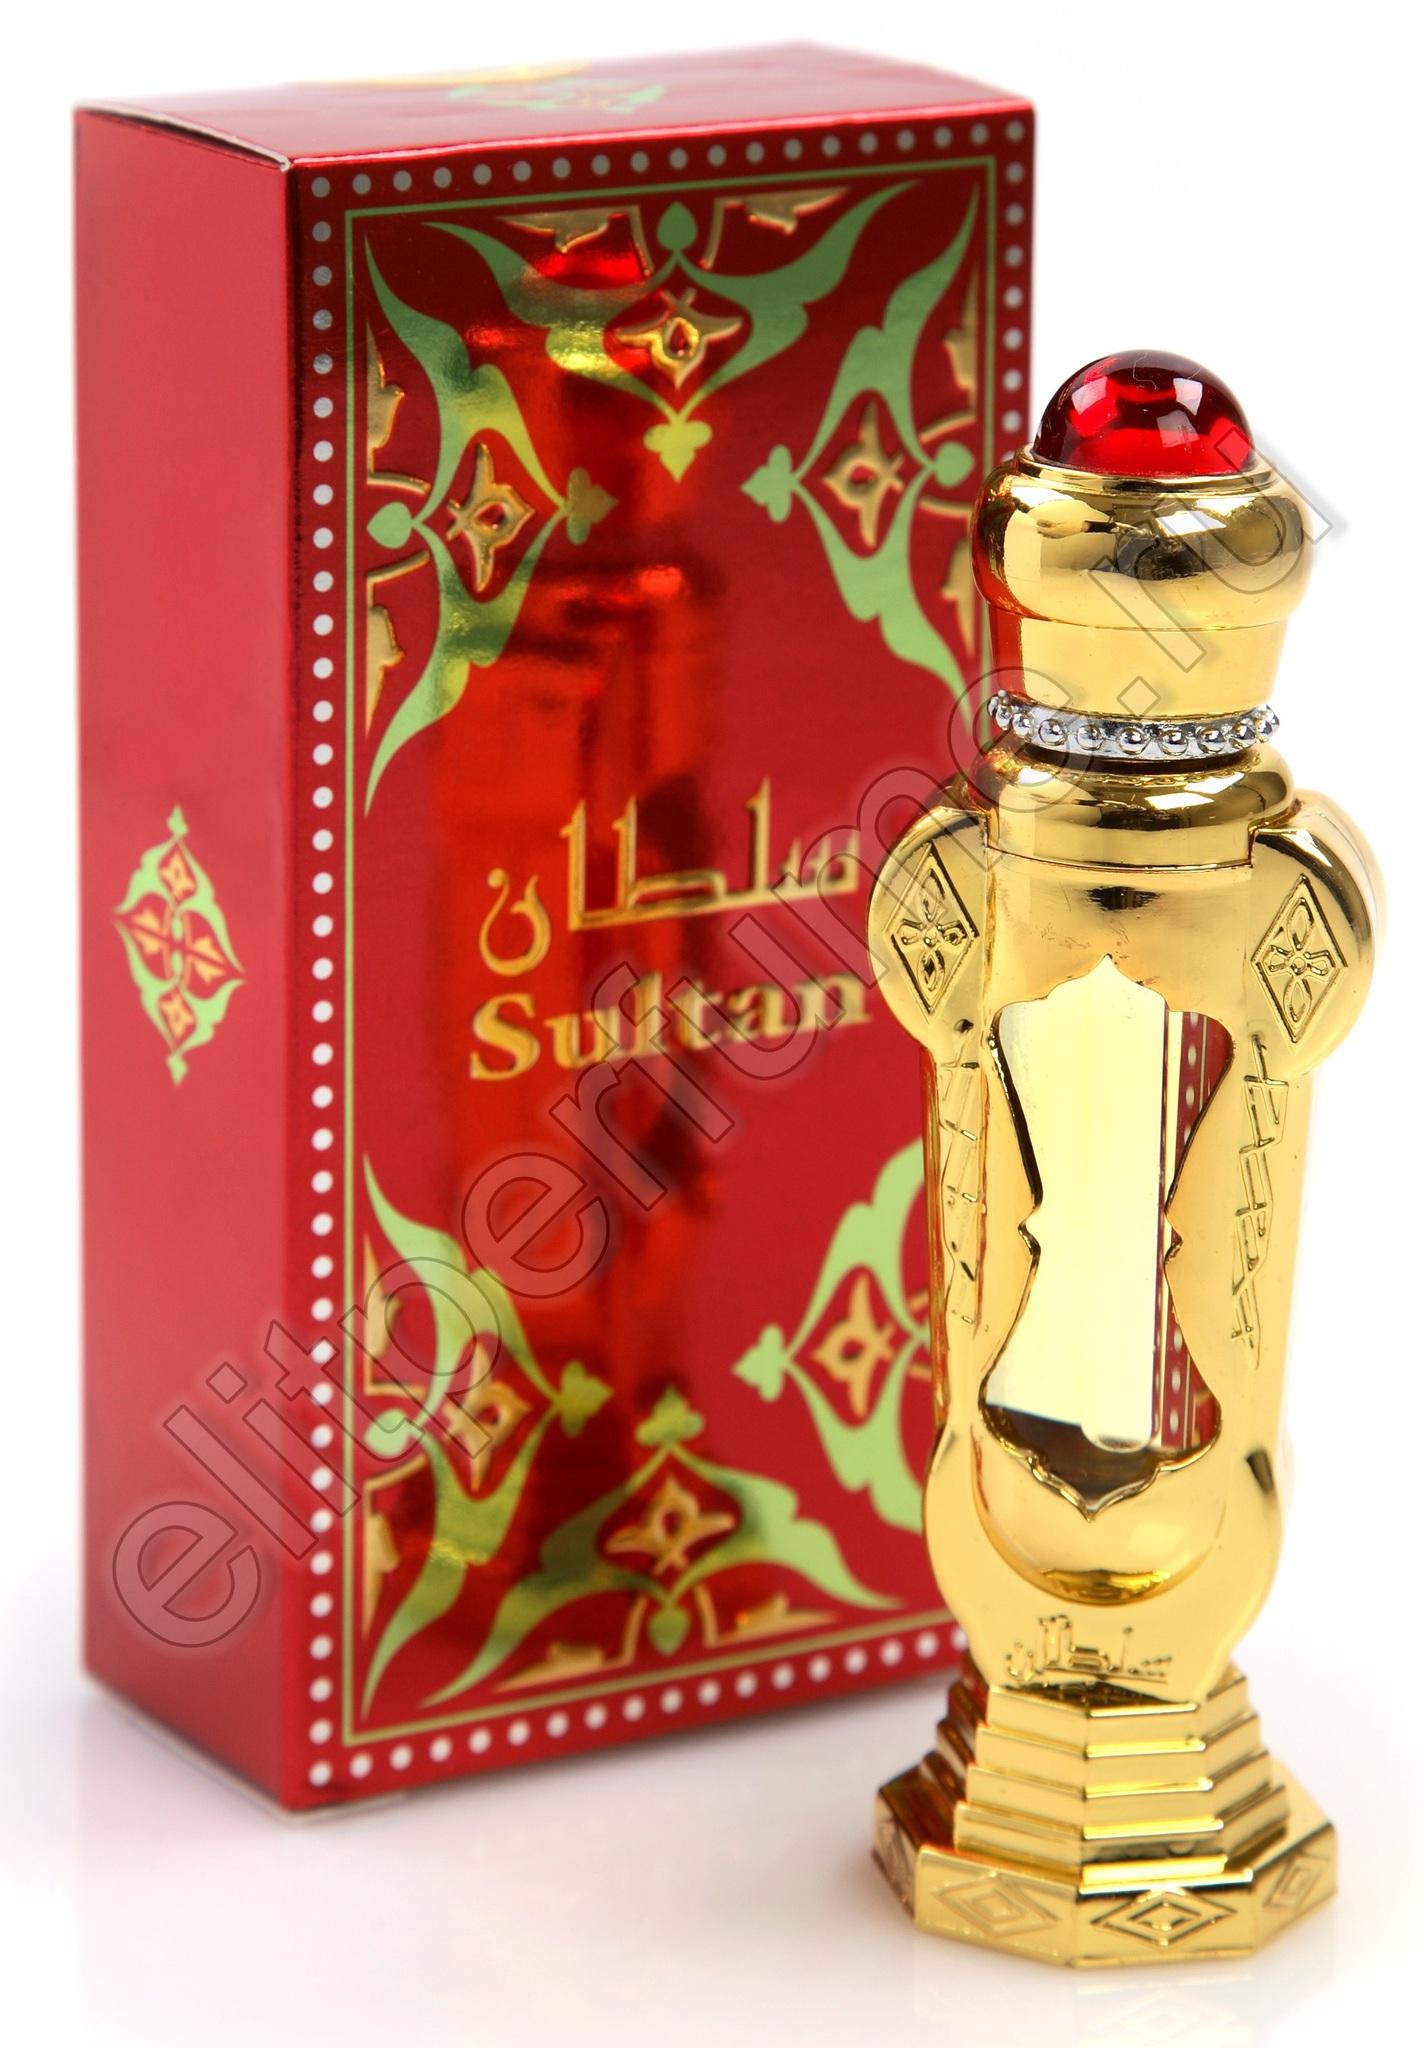 Султан Sultan 12 мл арабские масляные духи от Аль Харамайн Al Haramain Perfumes